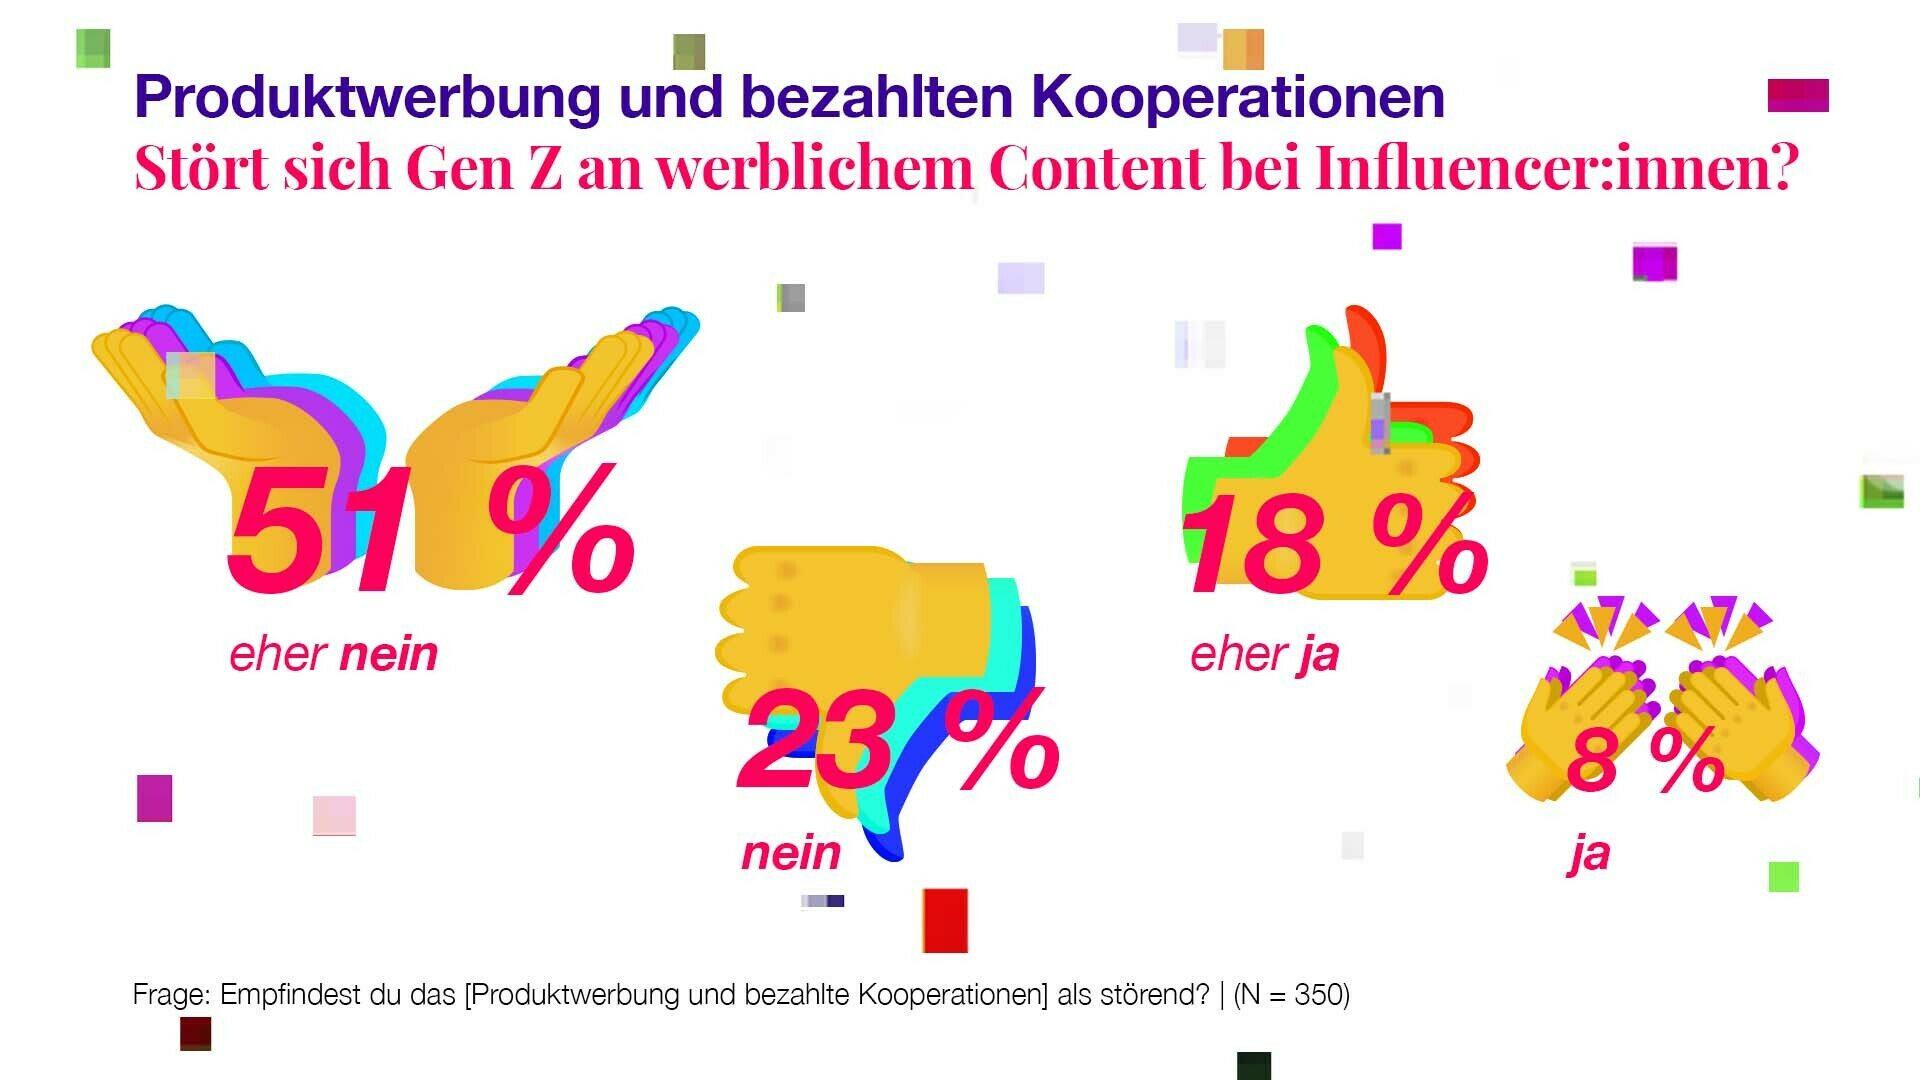 Produktwerbung und bezahlte Kooperationen bei Influencer:innen